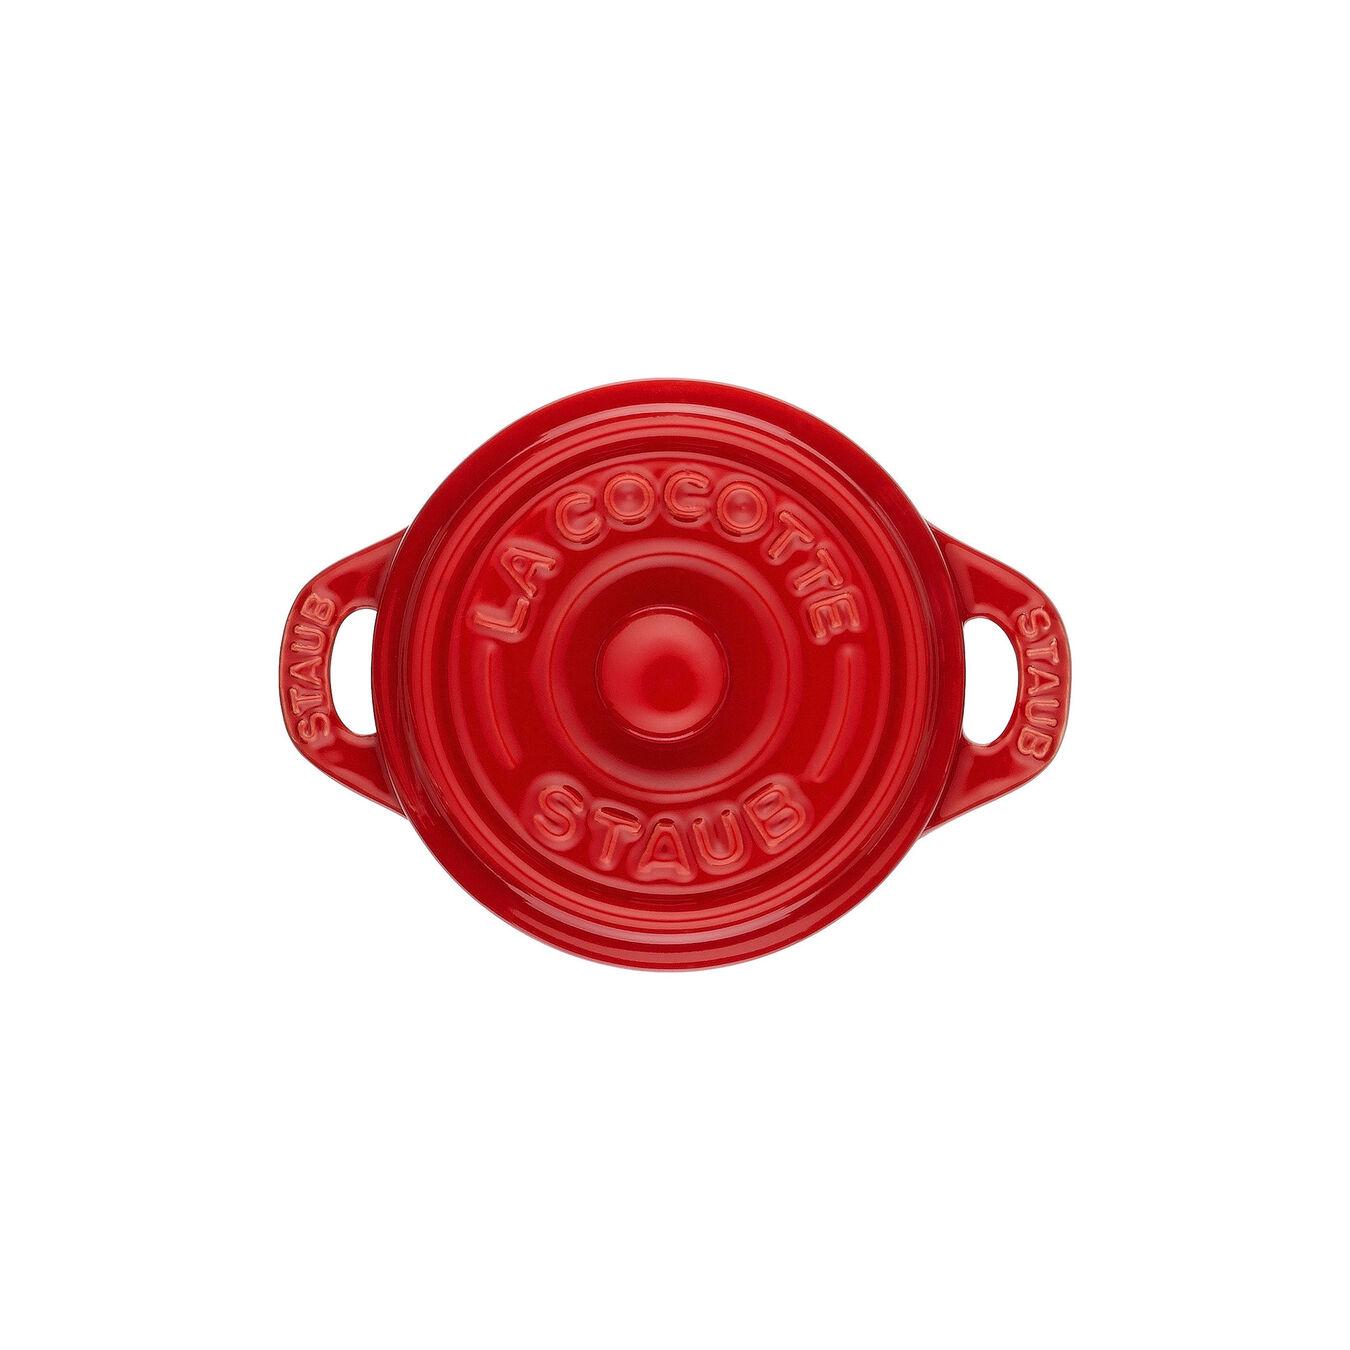 Mini Cocotte 10 cm, Rond(e), Cerise, Céramique,,large 3